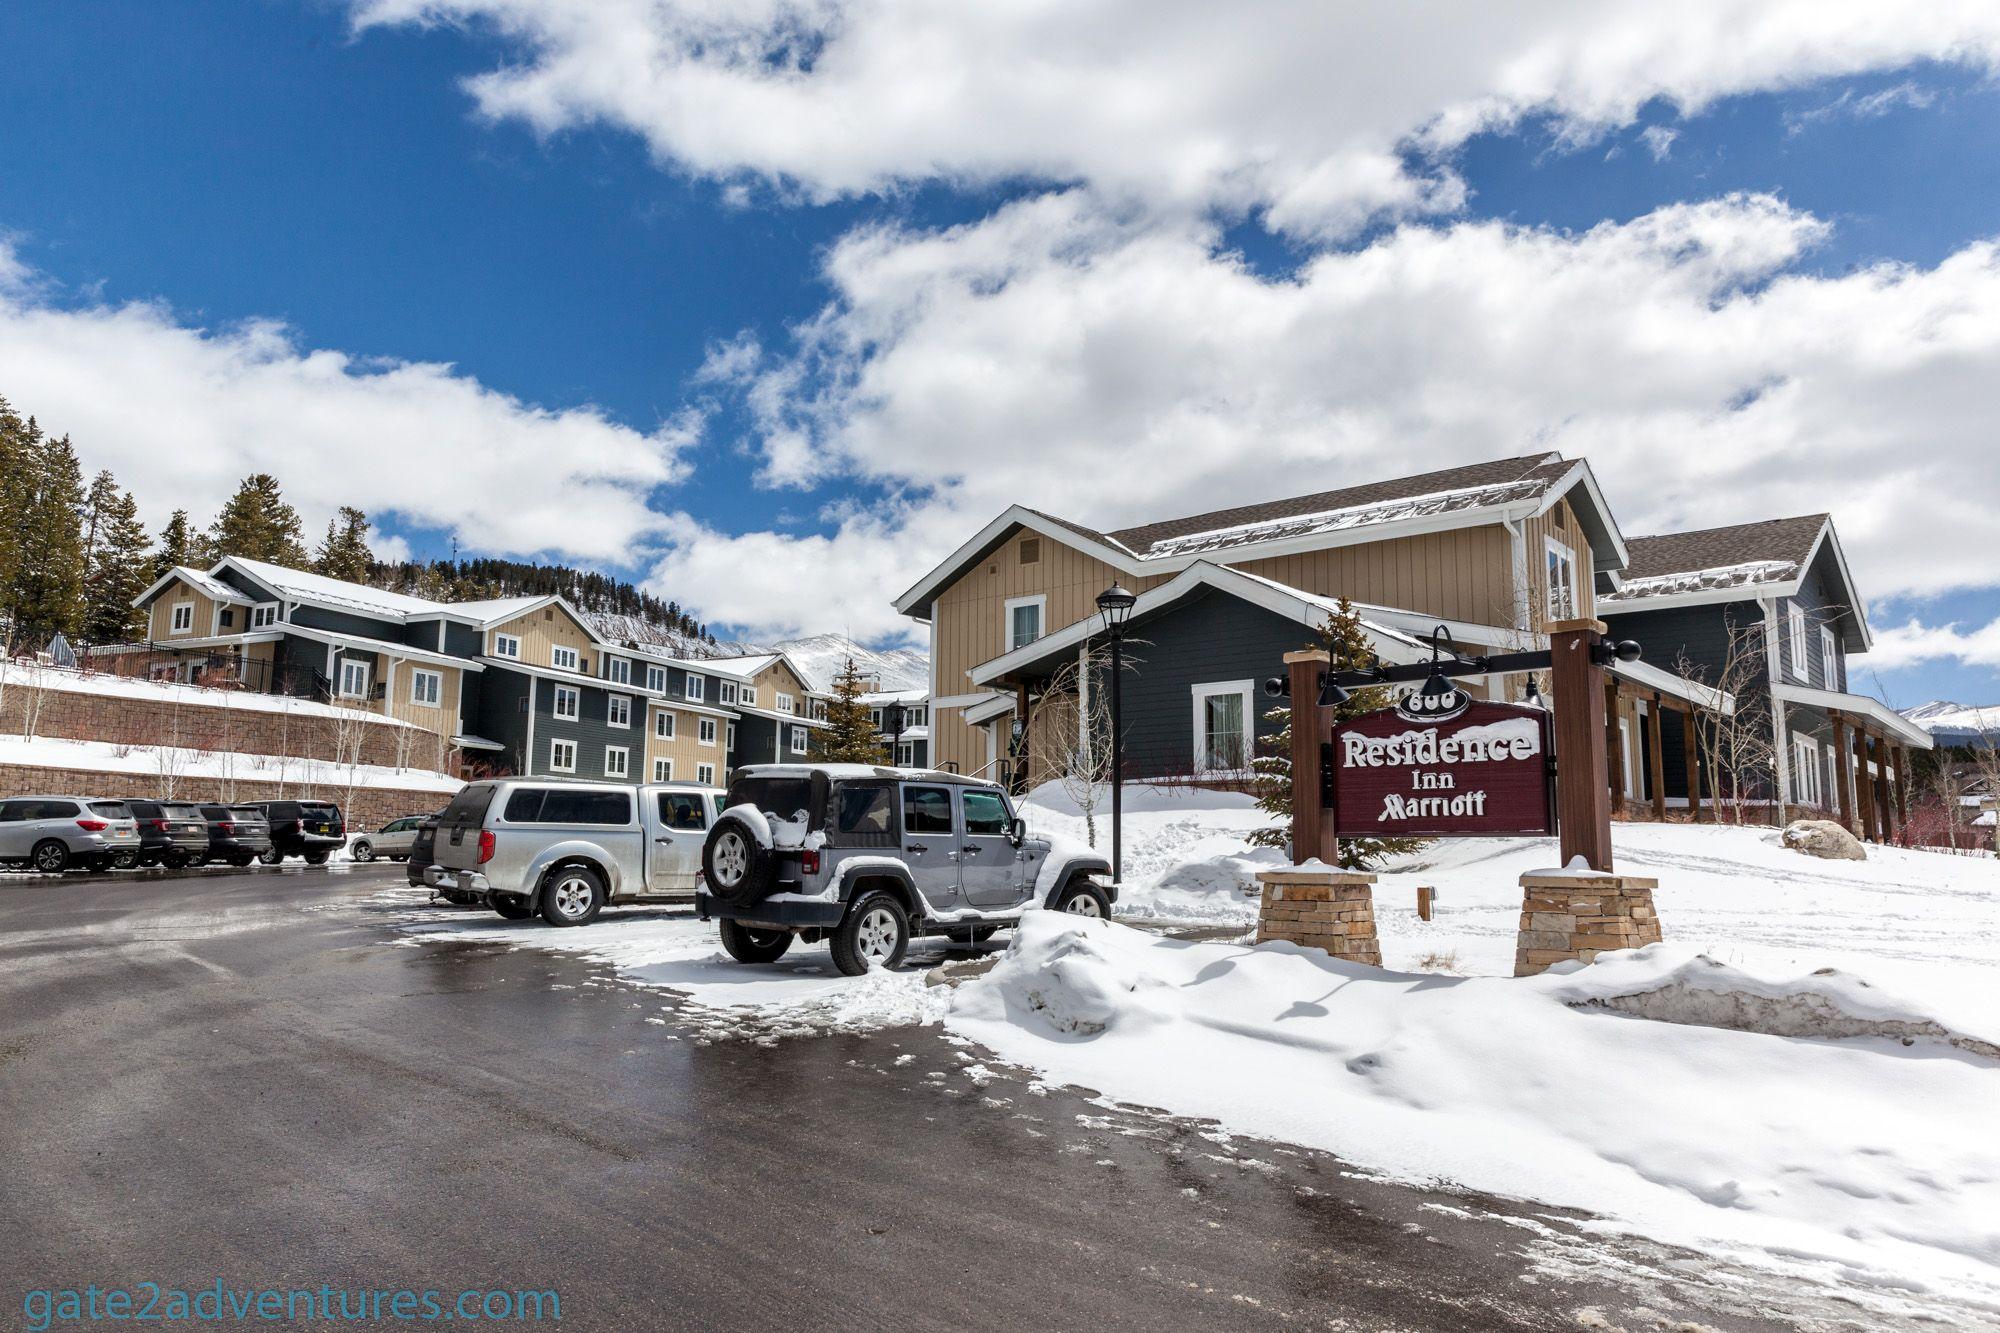 Hotel Review: Marriott Residence Inn Breckenridge